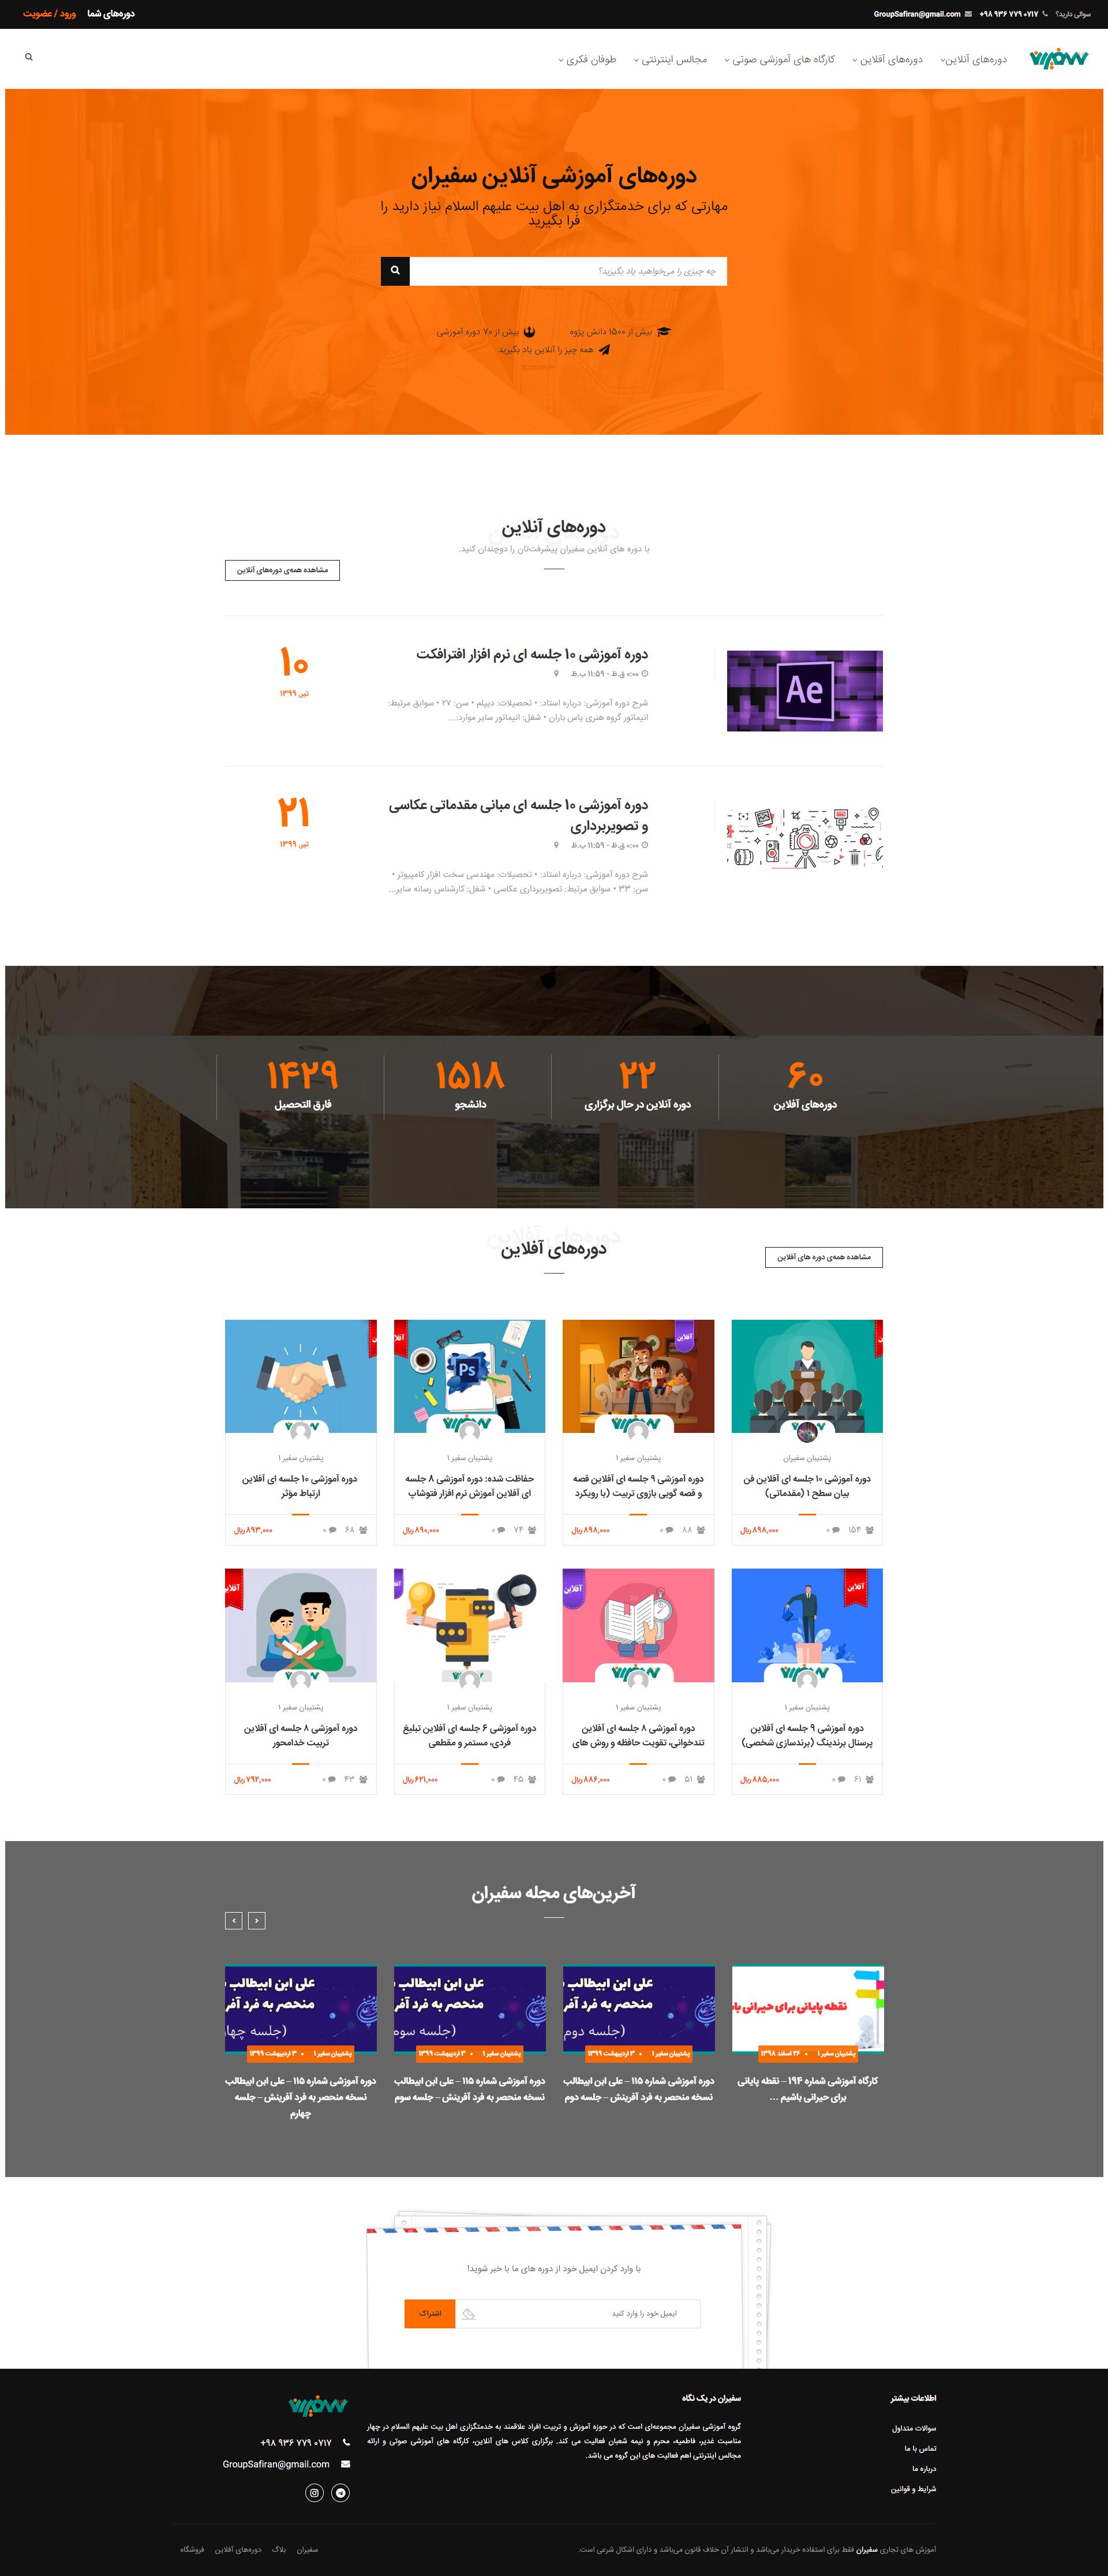 طراحی وب سایت آموزش آنلاین سفیران | طراحی وب سایت